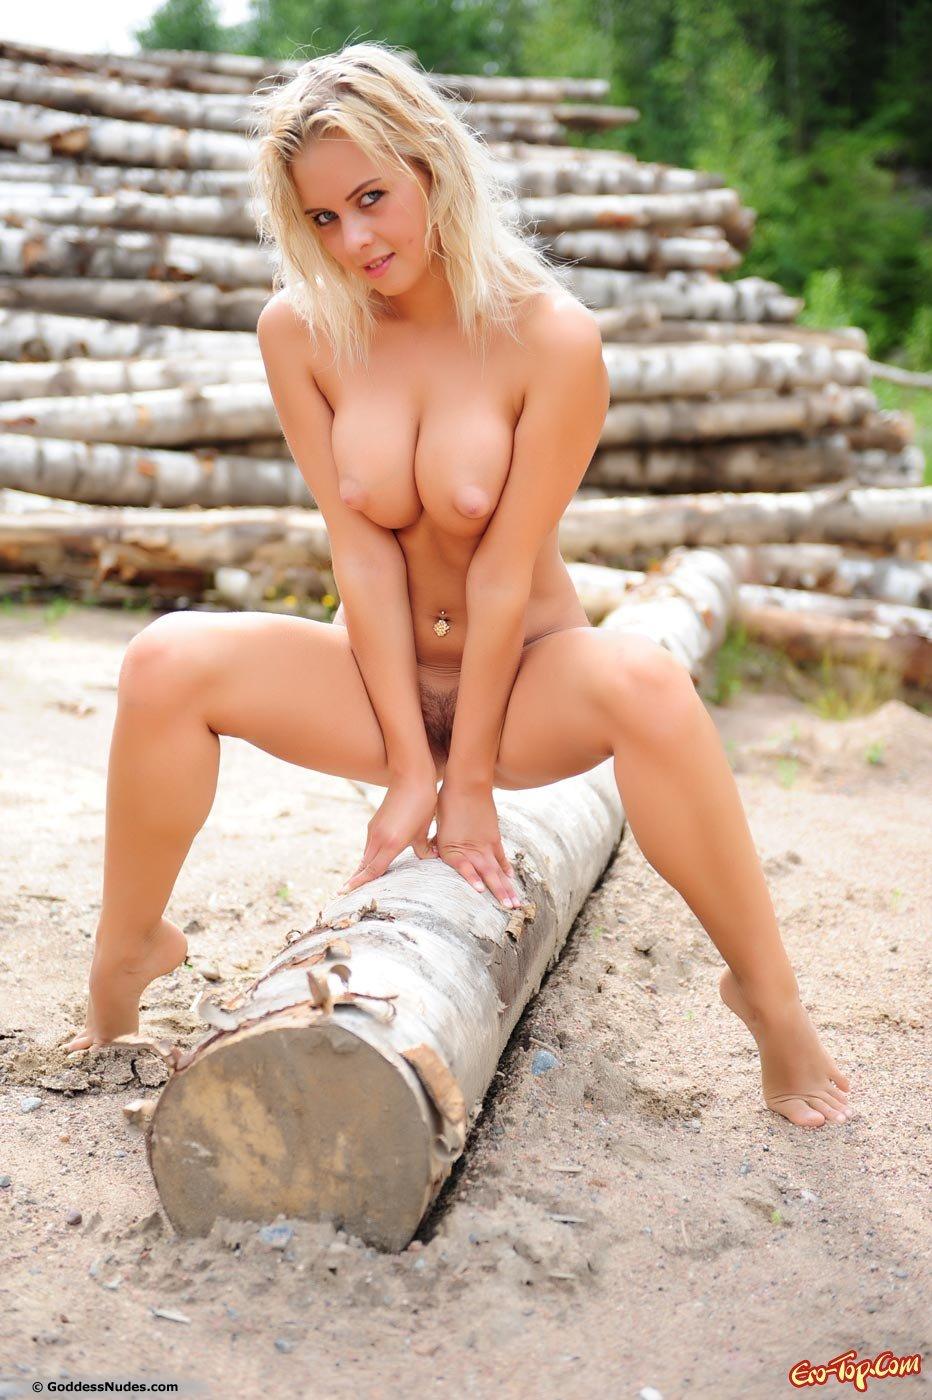 Титькастая голая блондинка